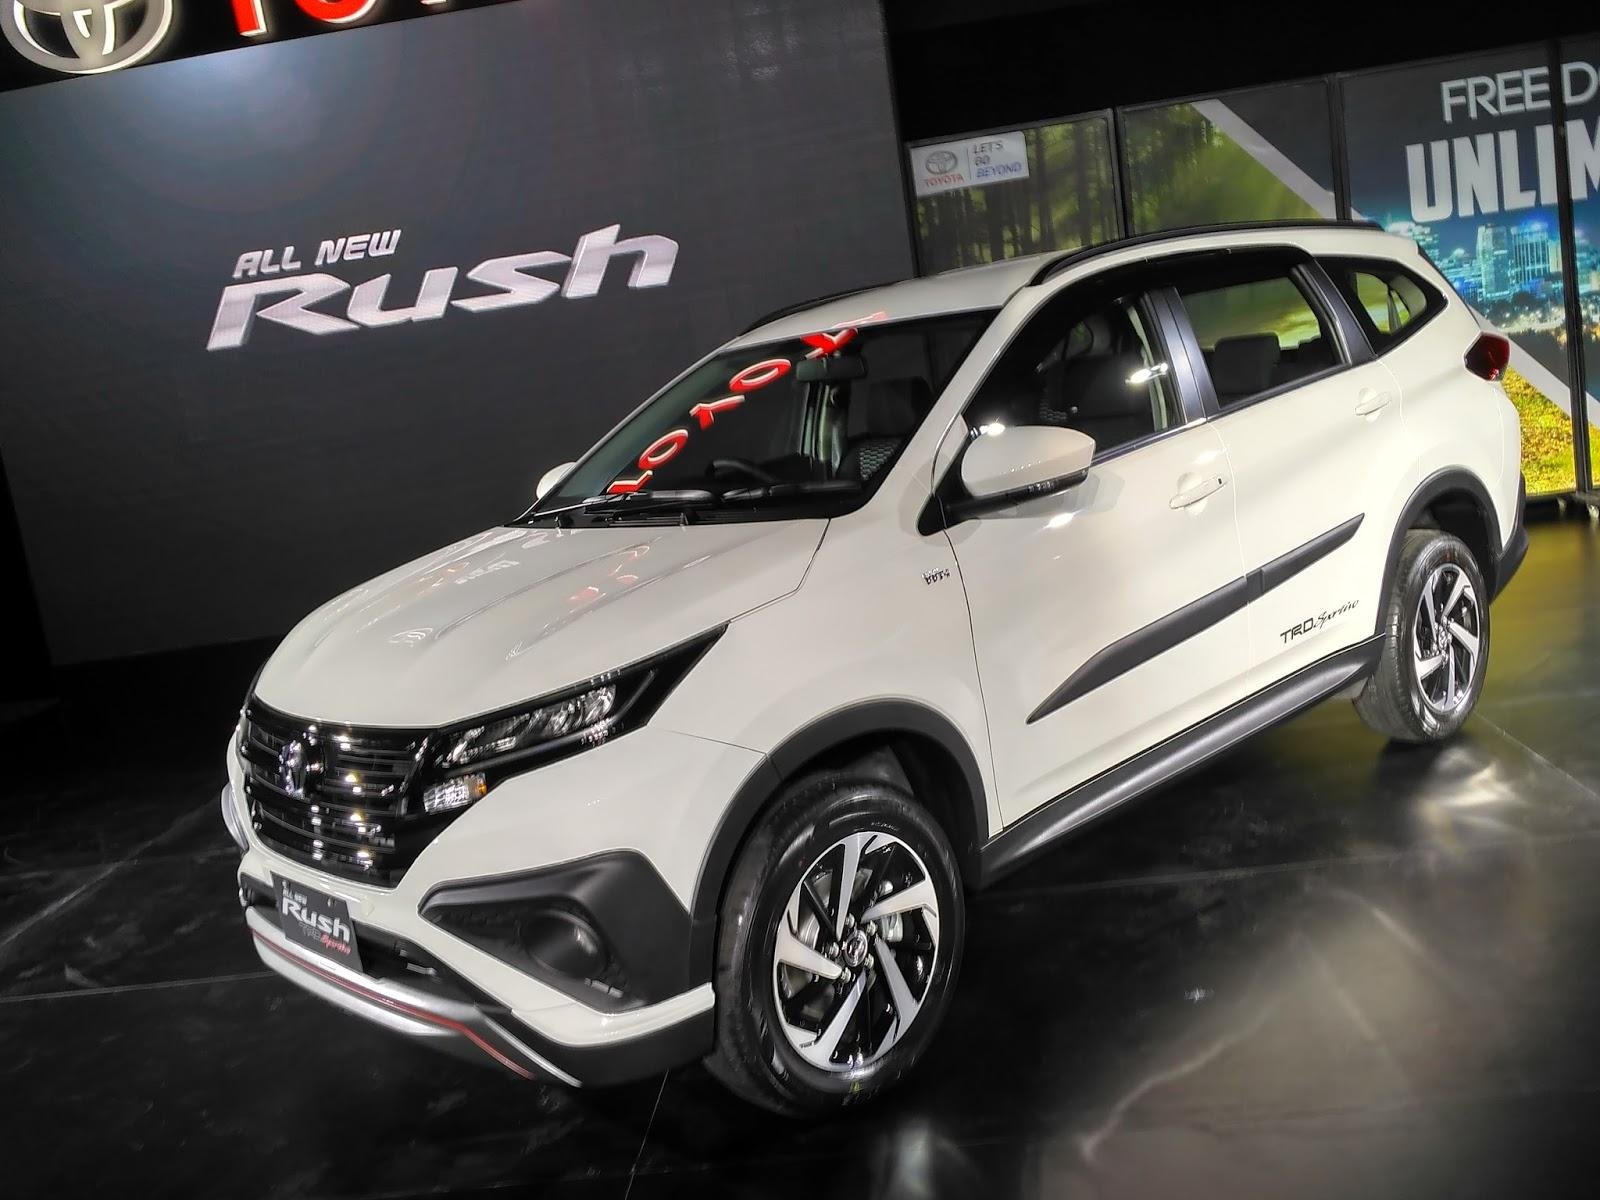 Bbm Untuk Grand New Avanza Spesifikasi Toyota Veloz 1.3 Debat Kusir Klaim Konsumsi All Rush Terios Bodi Bengkak Pakai Mesin